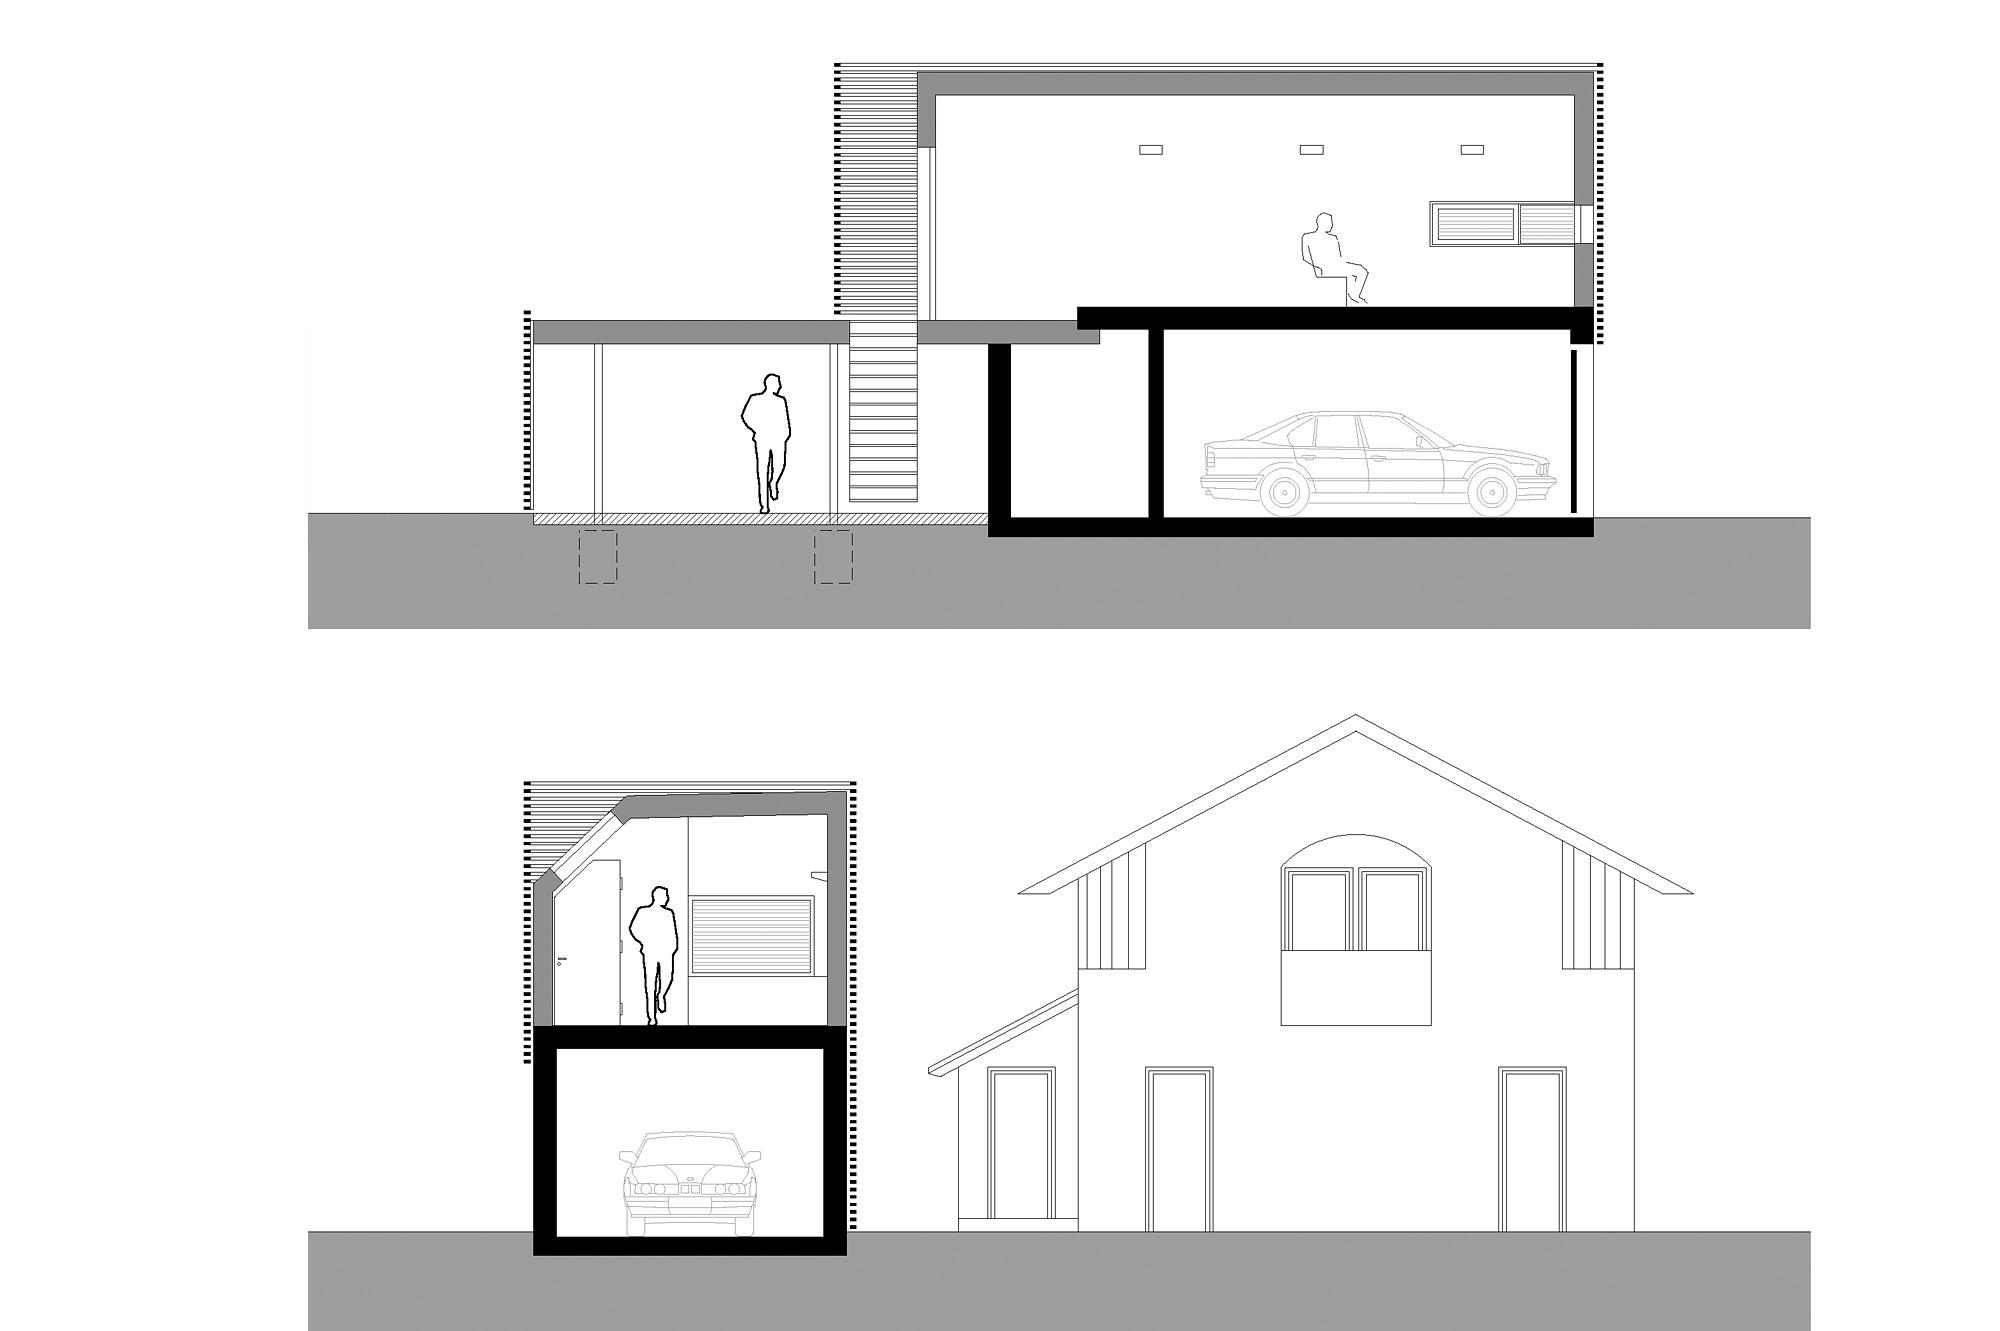 atelier_schmutzer_07_umbau_erweiterung_wolfurt_vorarlberg_junger_beer_architektur-2